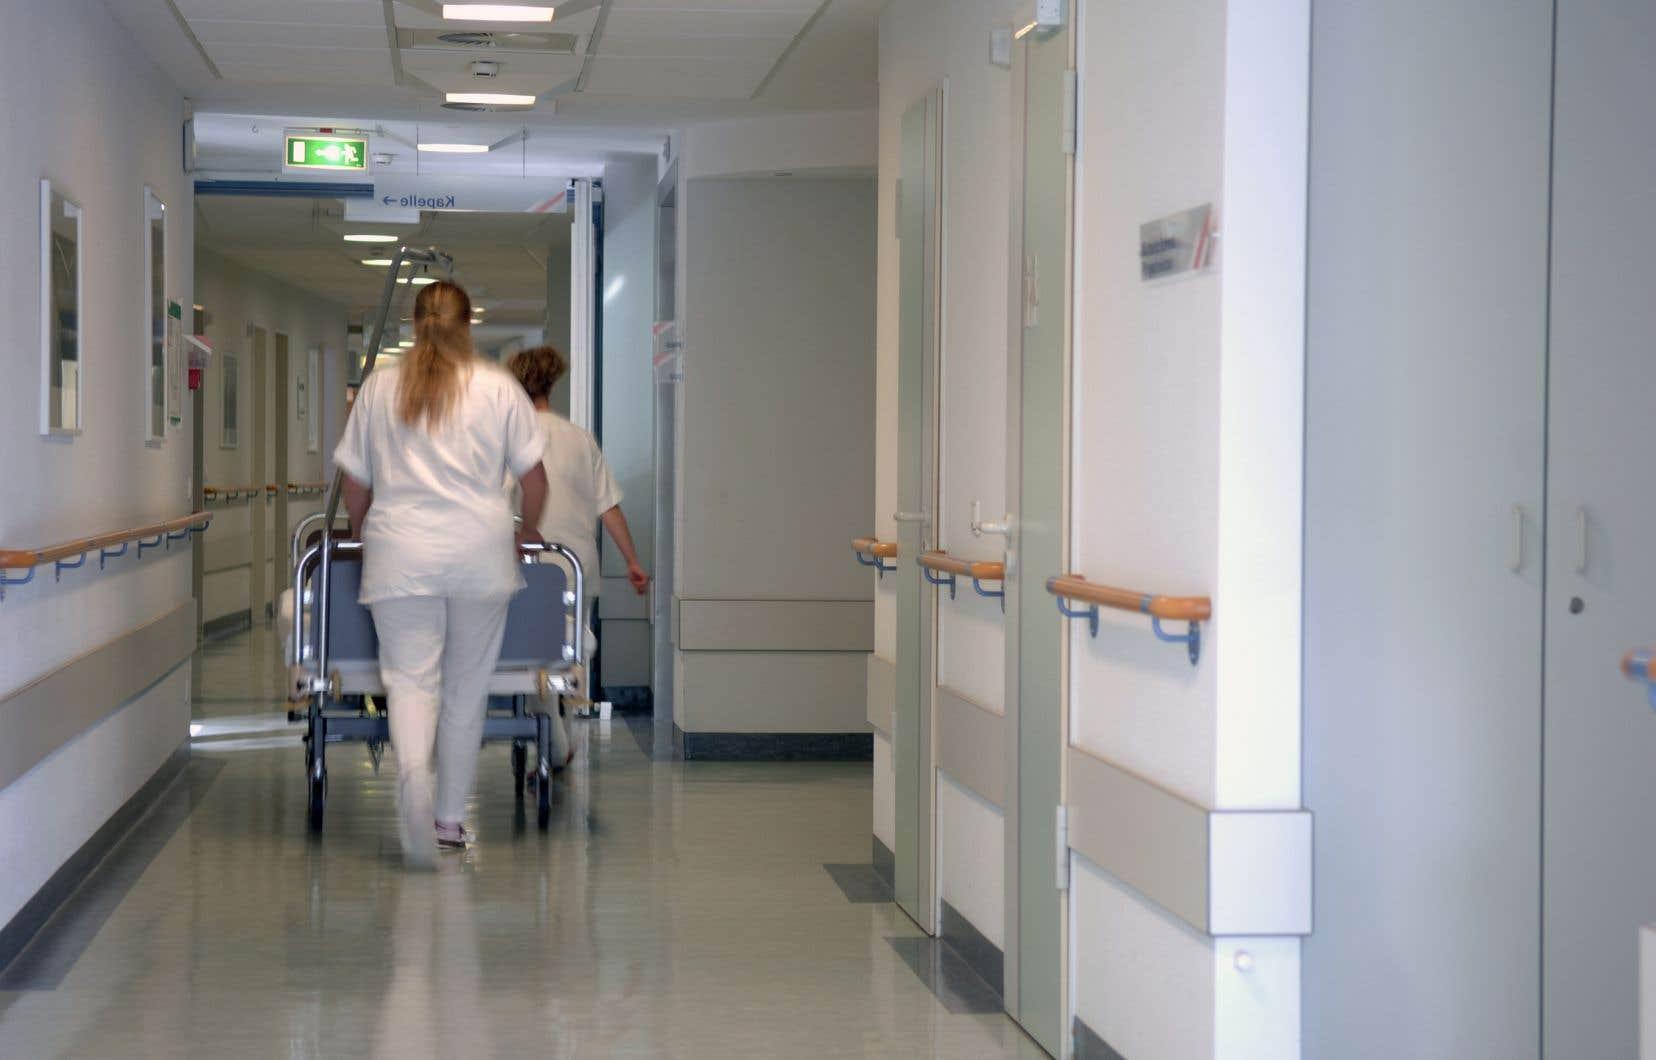 L'AMC estime que les aînés engorgent les hôpitaux, alors qu'ils peuvent souvent être soignés chez eux.